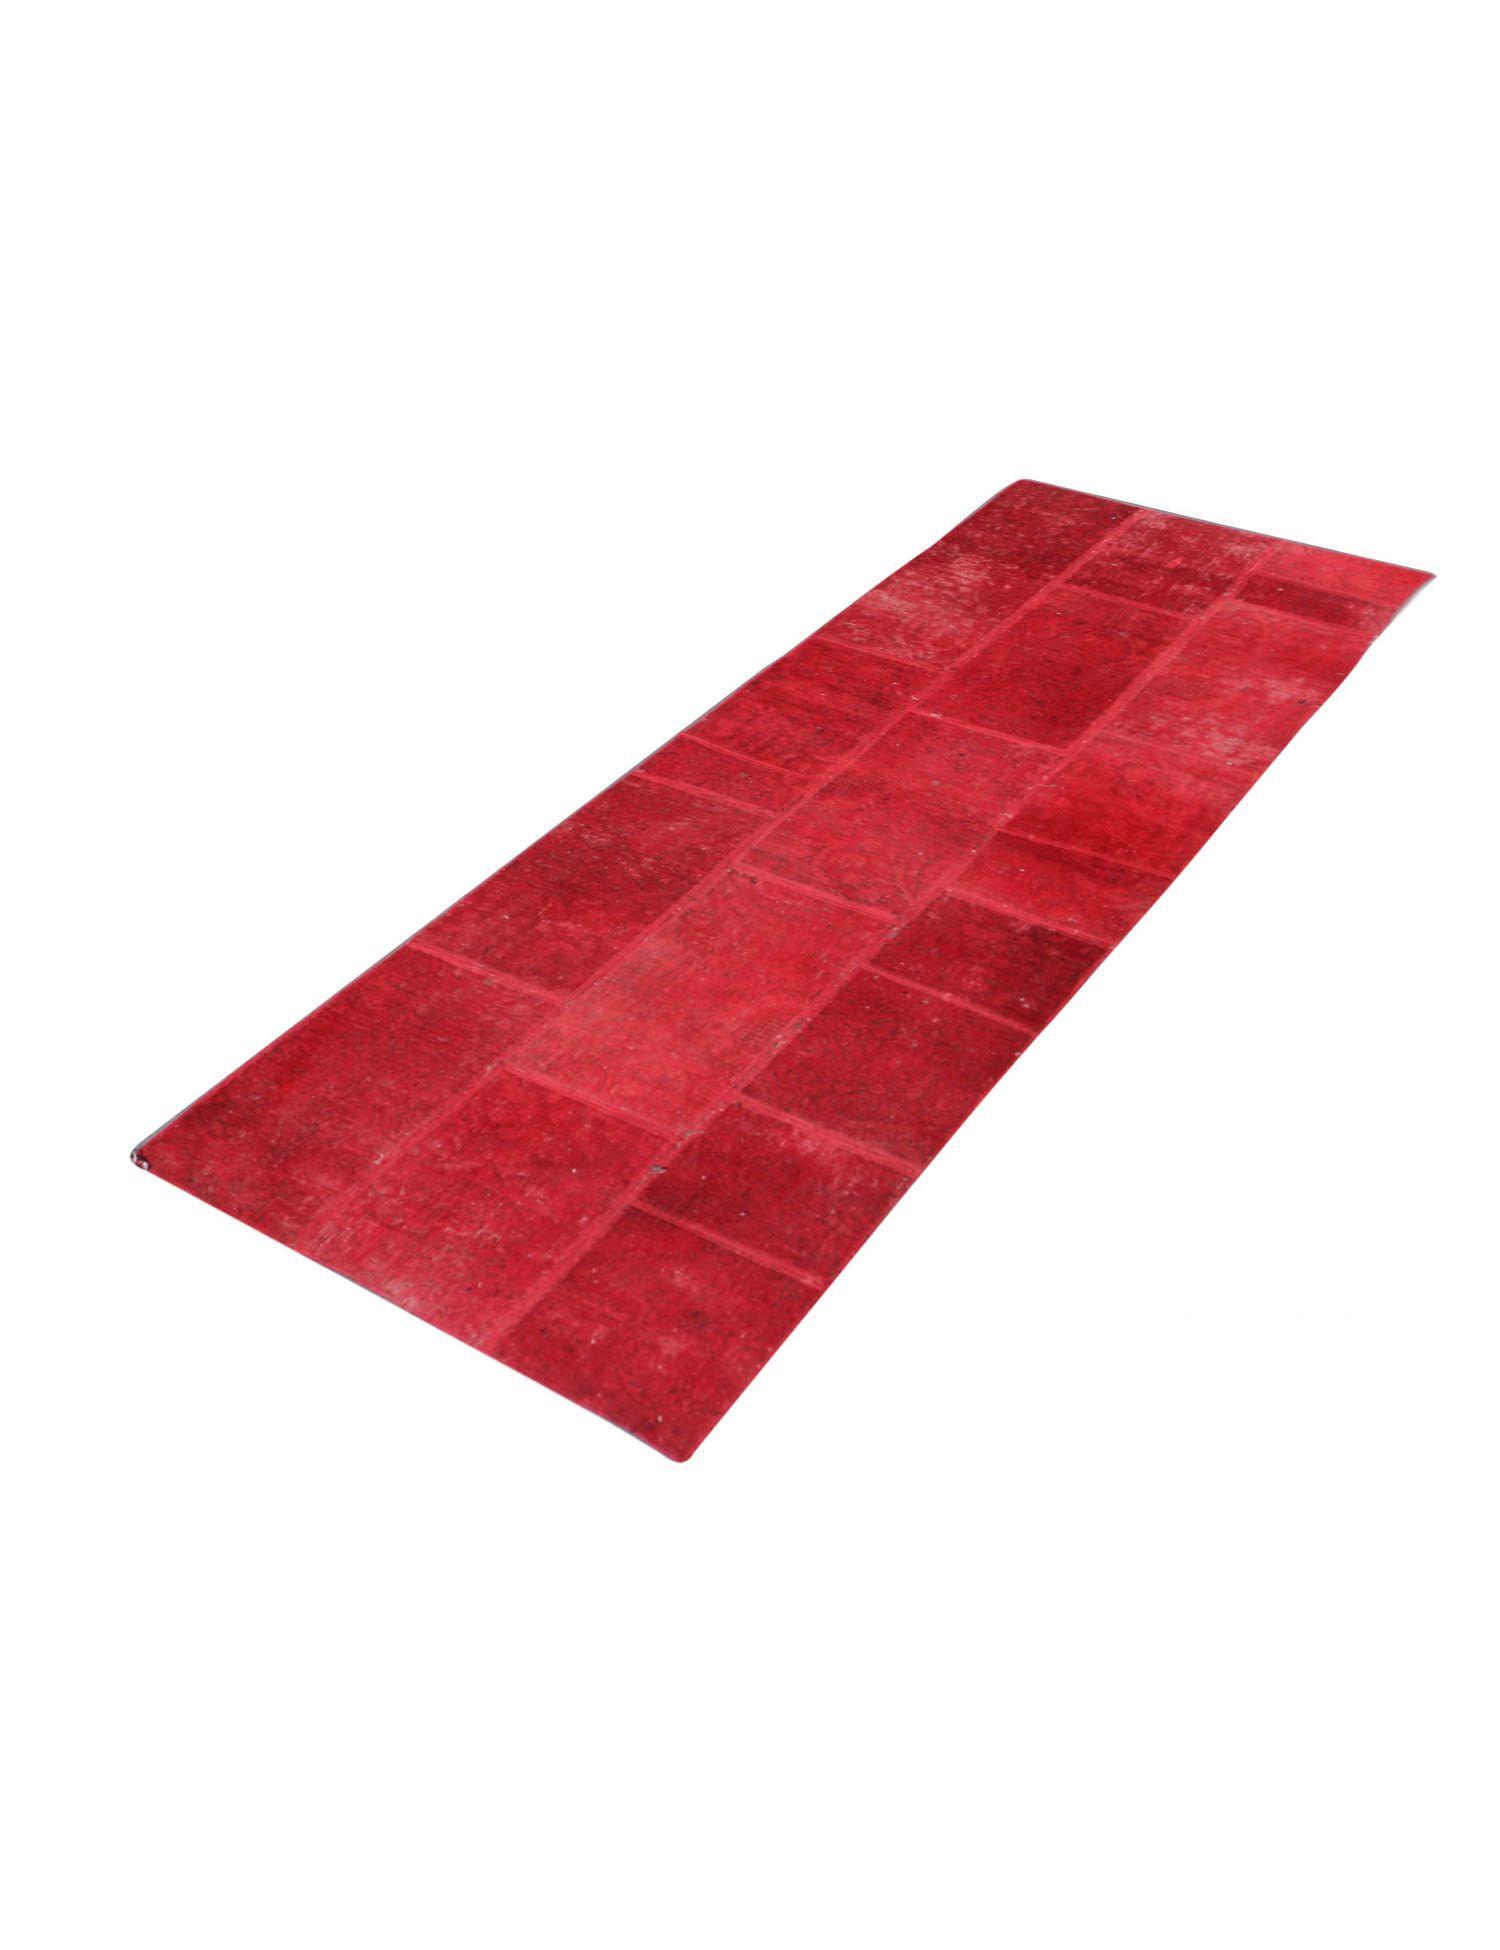 Persisk patchwork tæppe  rød <br/>269 x 90 cm